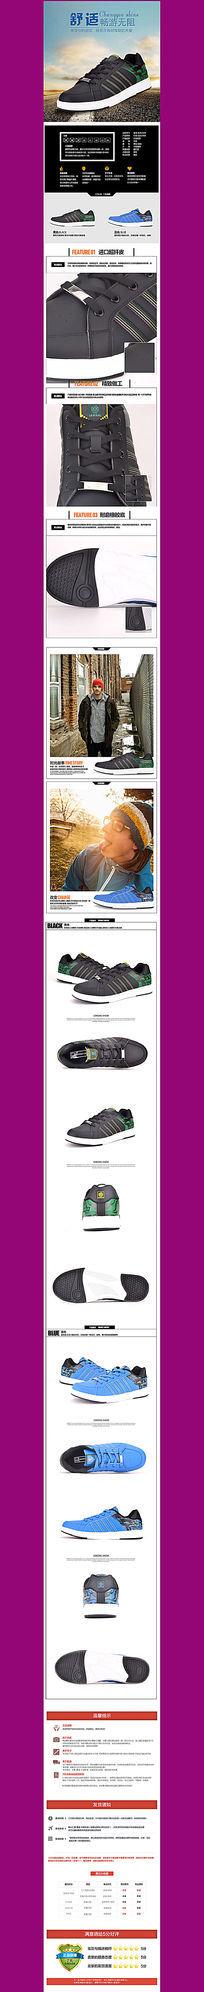 淘宝男款运动鞋详情页描述设计模板图片下载